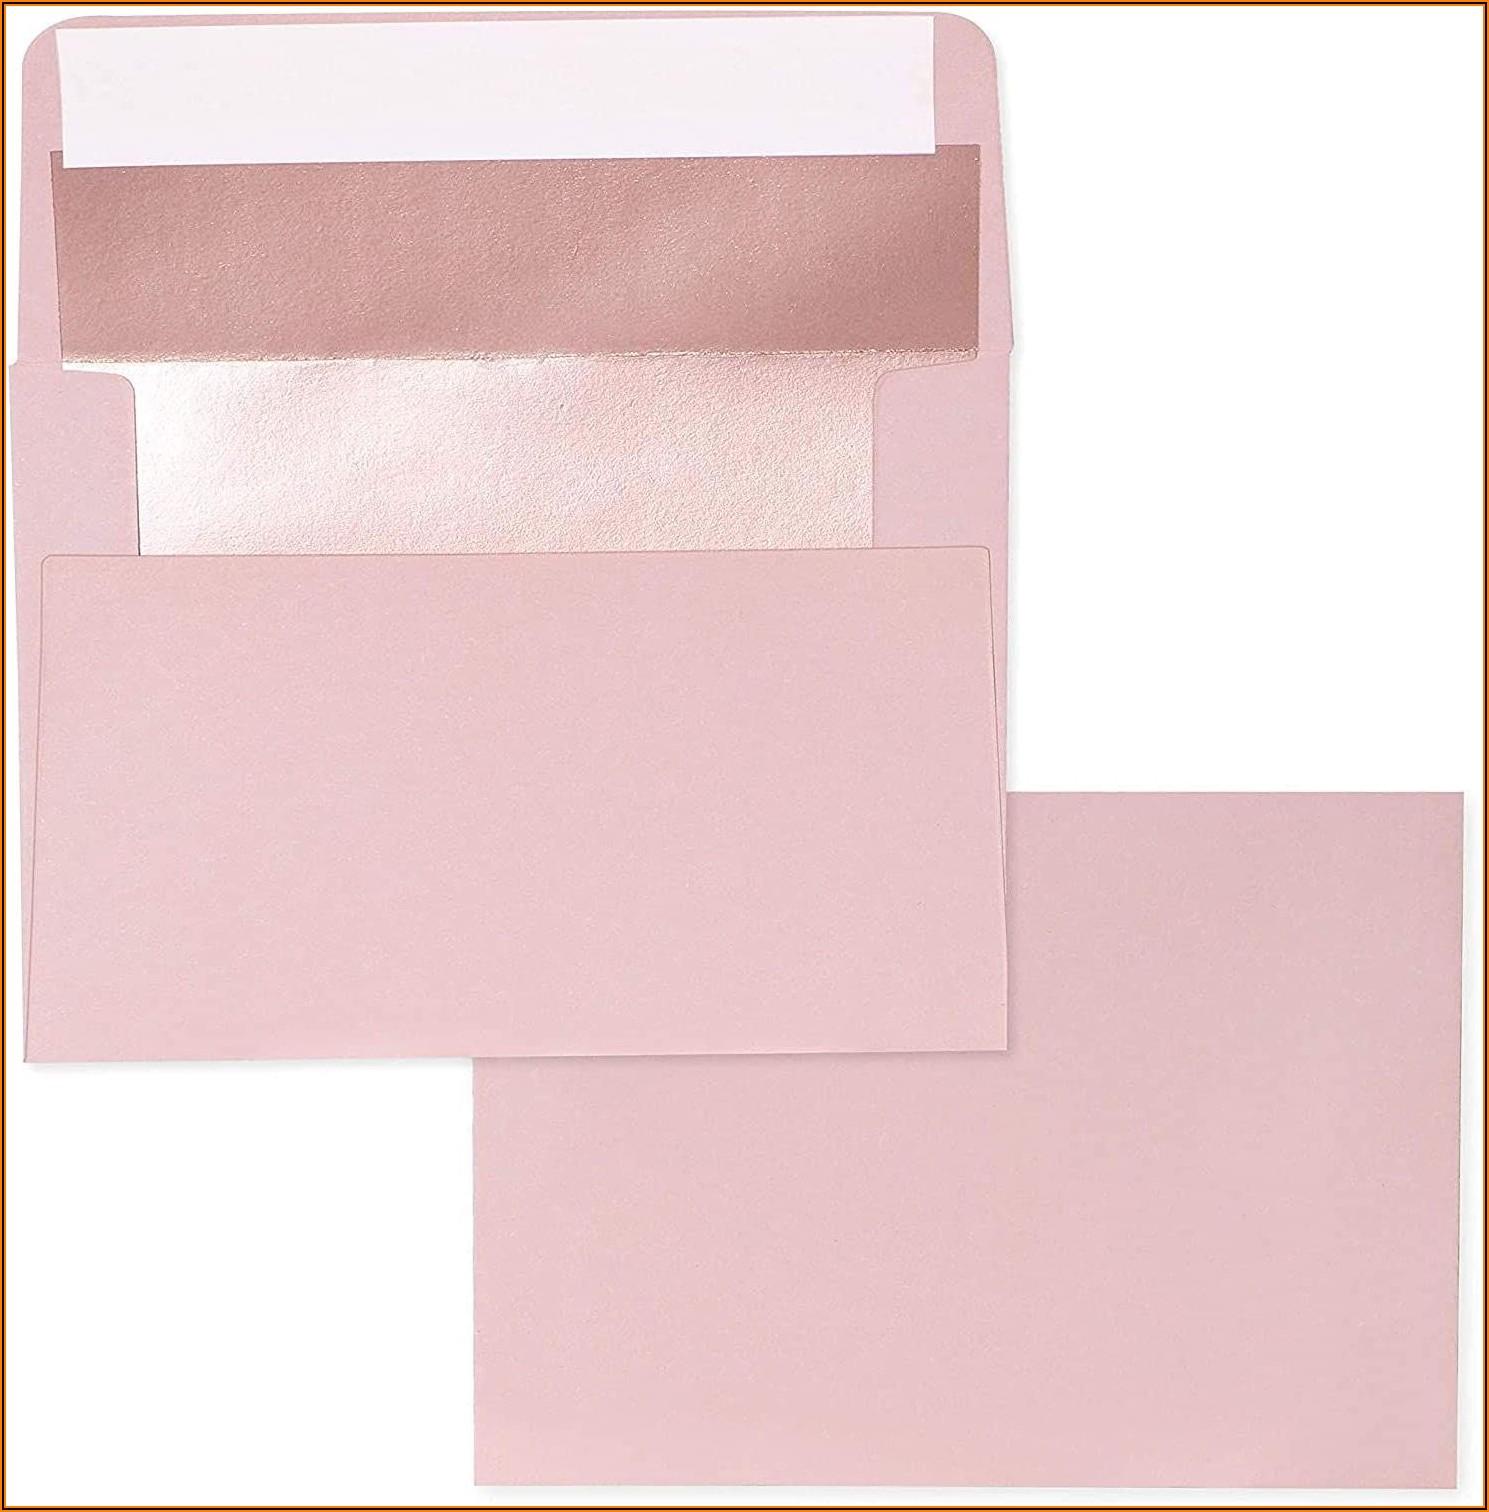 Rose Gold Lined Envelopes